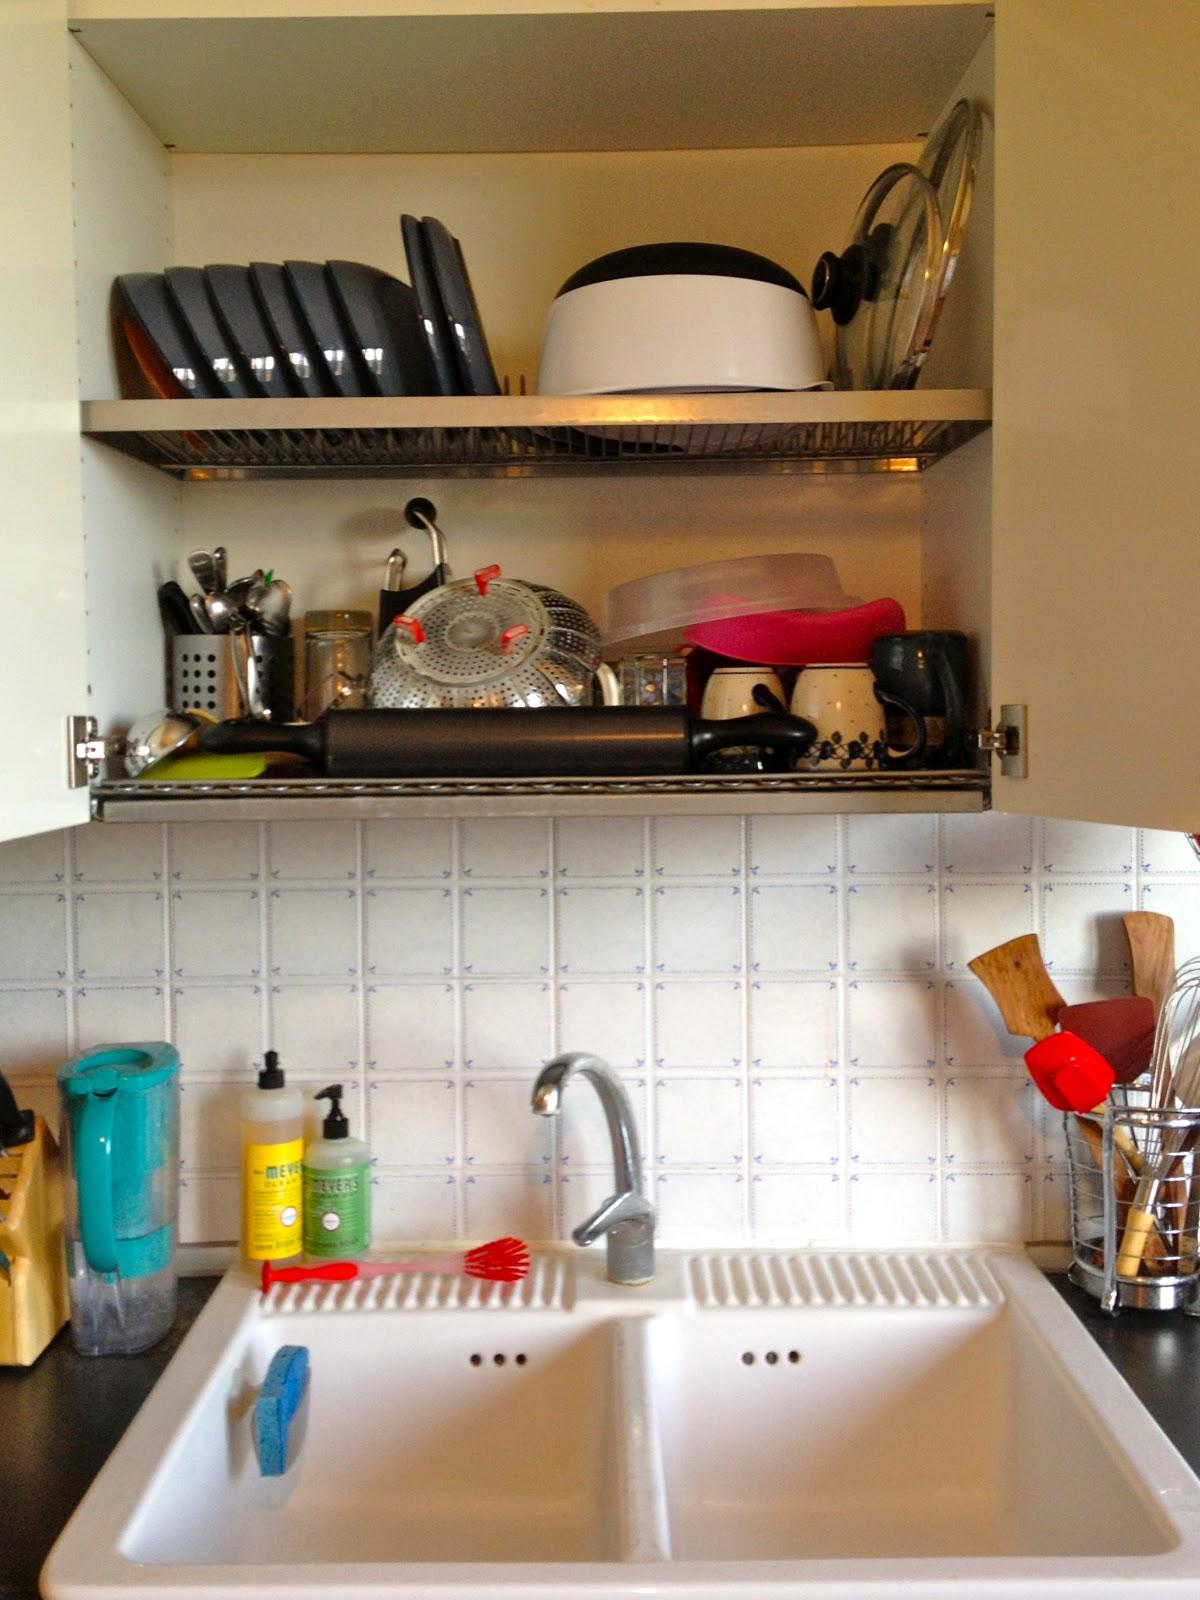 Why Italian Kitchens Make Me Happy